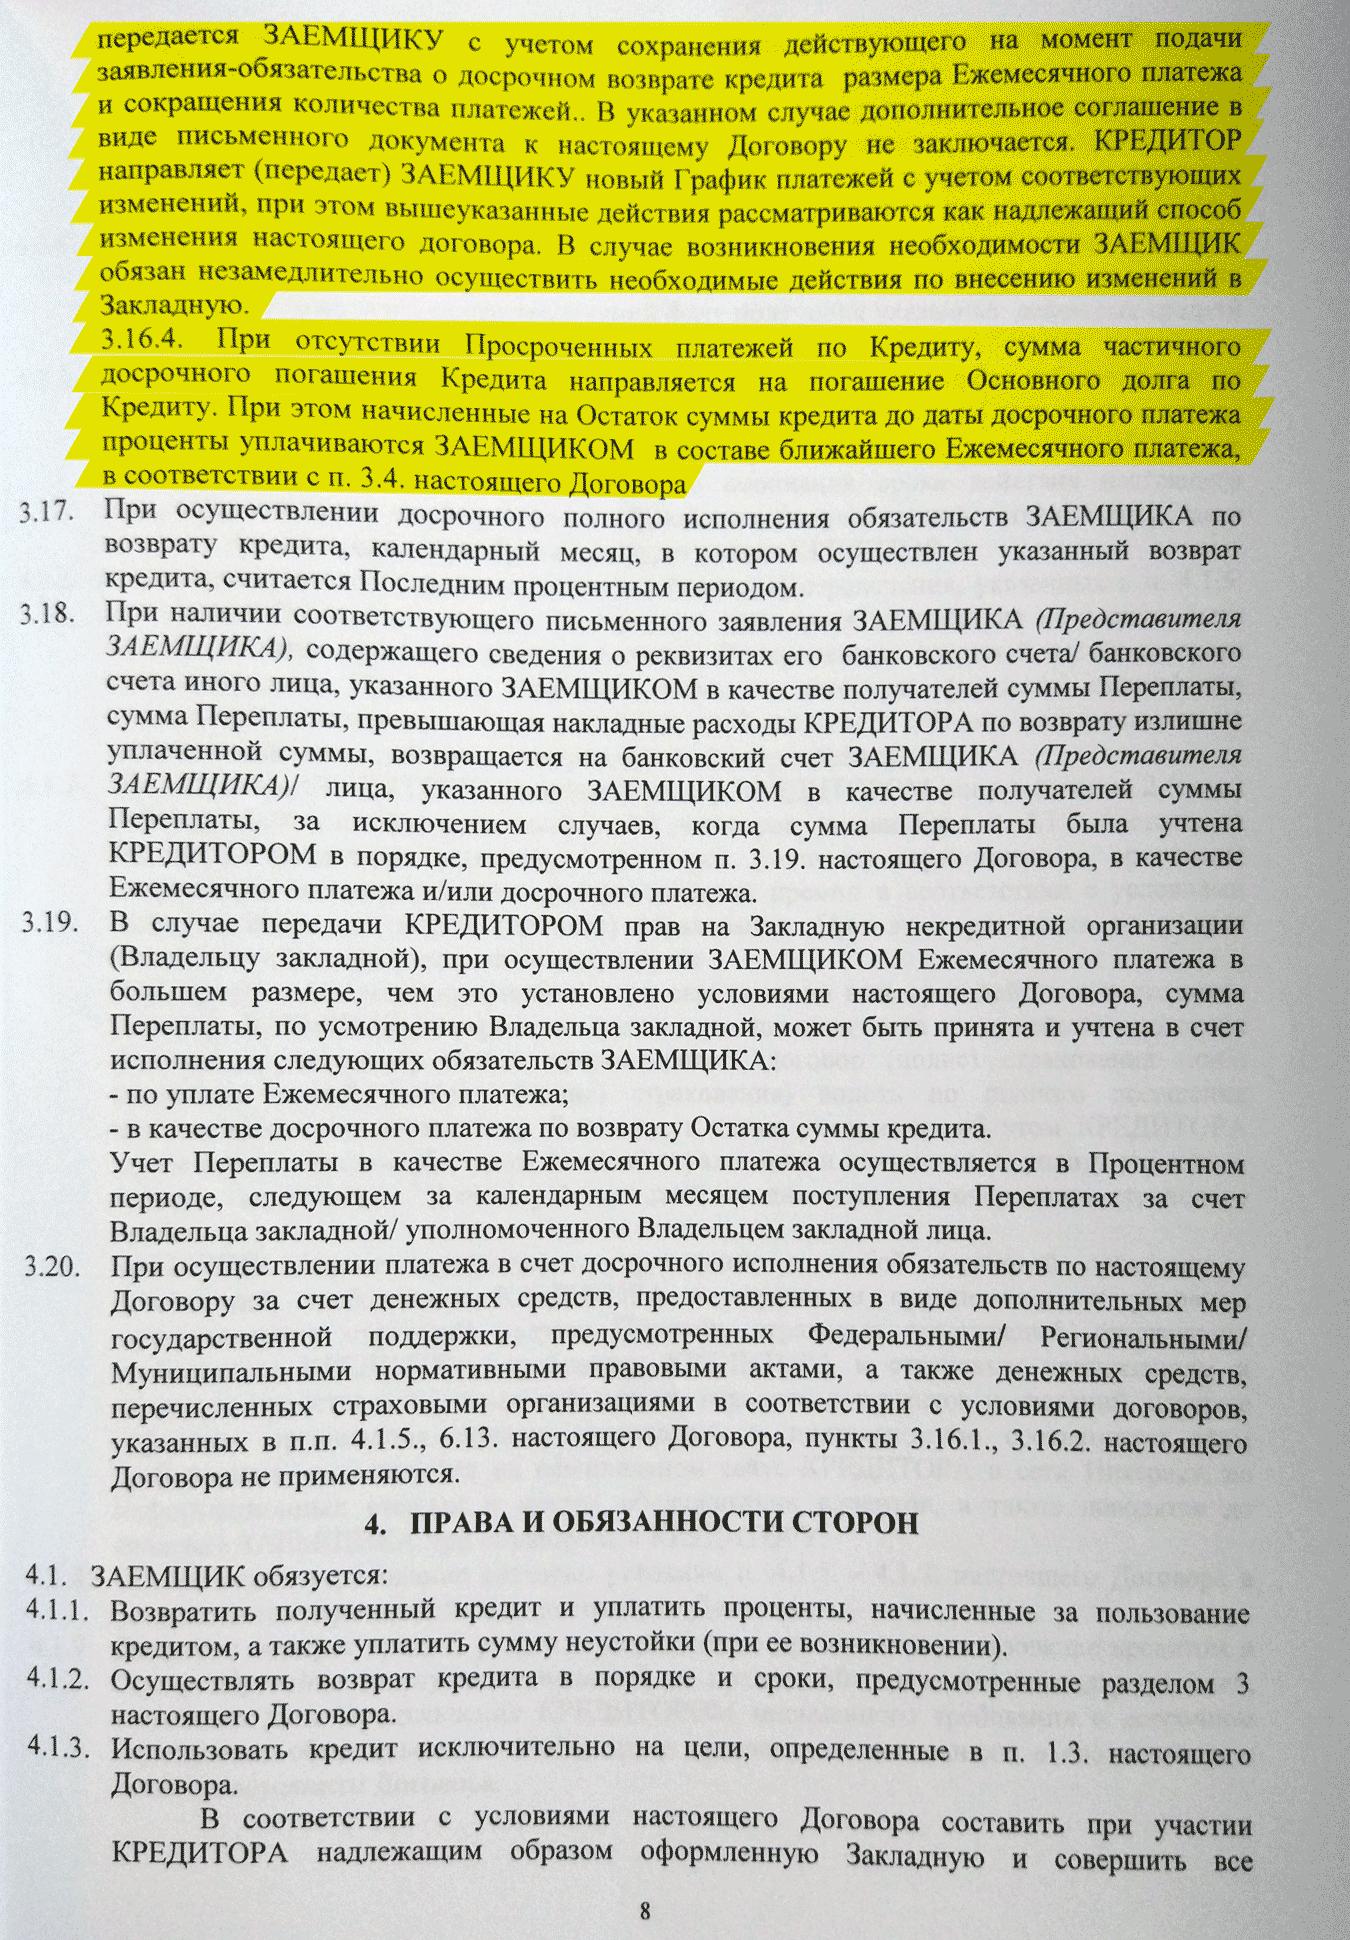 помощь в получении кредита с плохой кредитной историей в казахстане